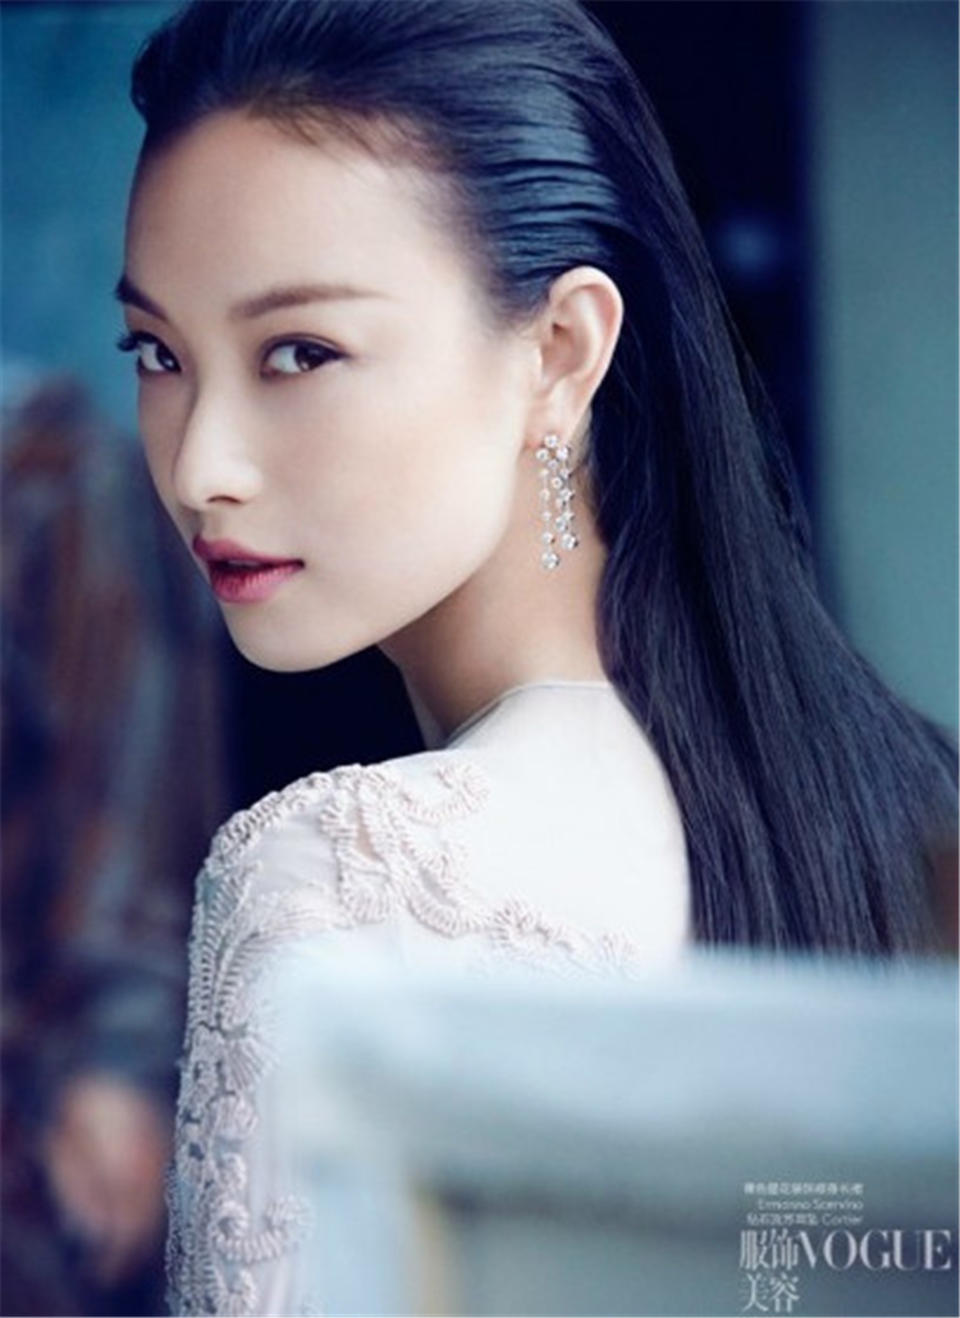 《VOGUE》的理念是聘用最专业的编辑人员,结合世界上最优秀的设计师,最具才华的摄影师与模特,以最高的制作水准创造出市场上最高质量的杂志。《VOGUE》是全球杂志品牌的领导者,更是流行时尚的风向标,她对相关时尚产业的扶持作用是无与伦比的。